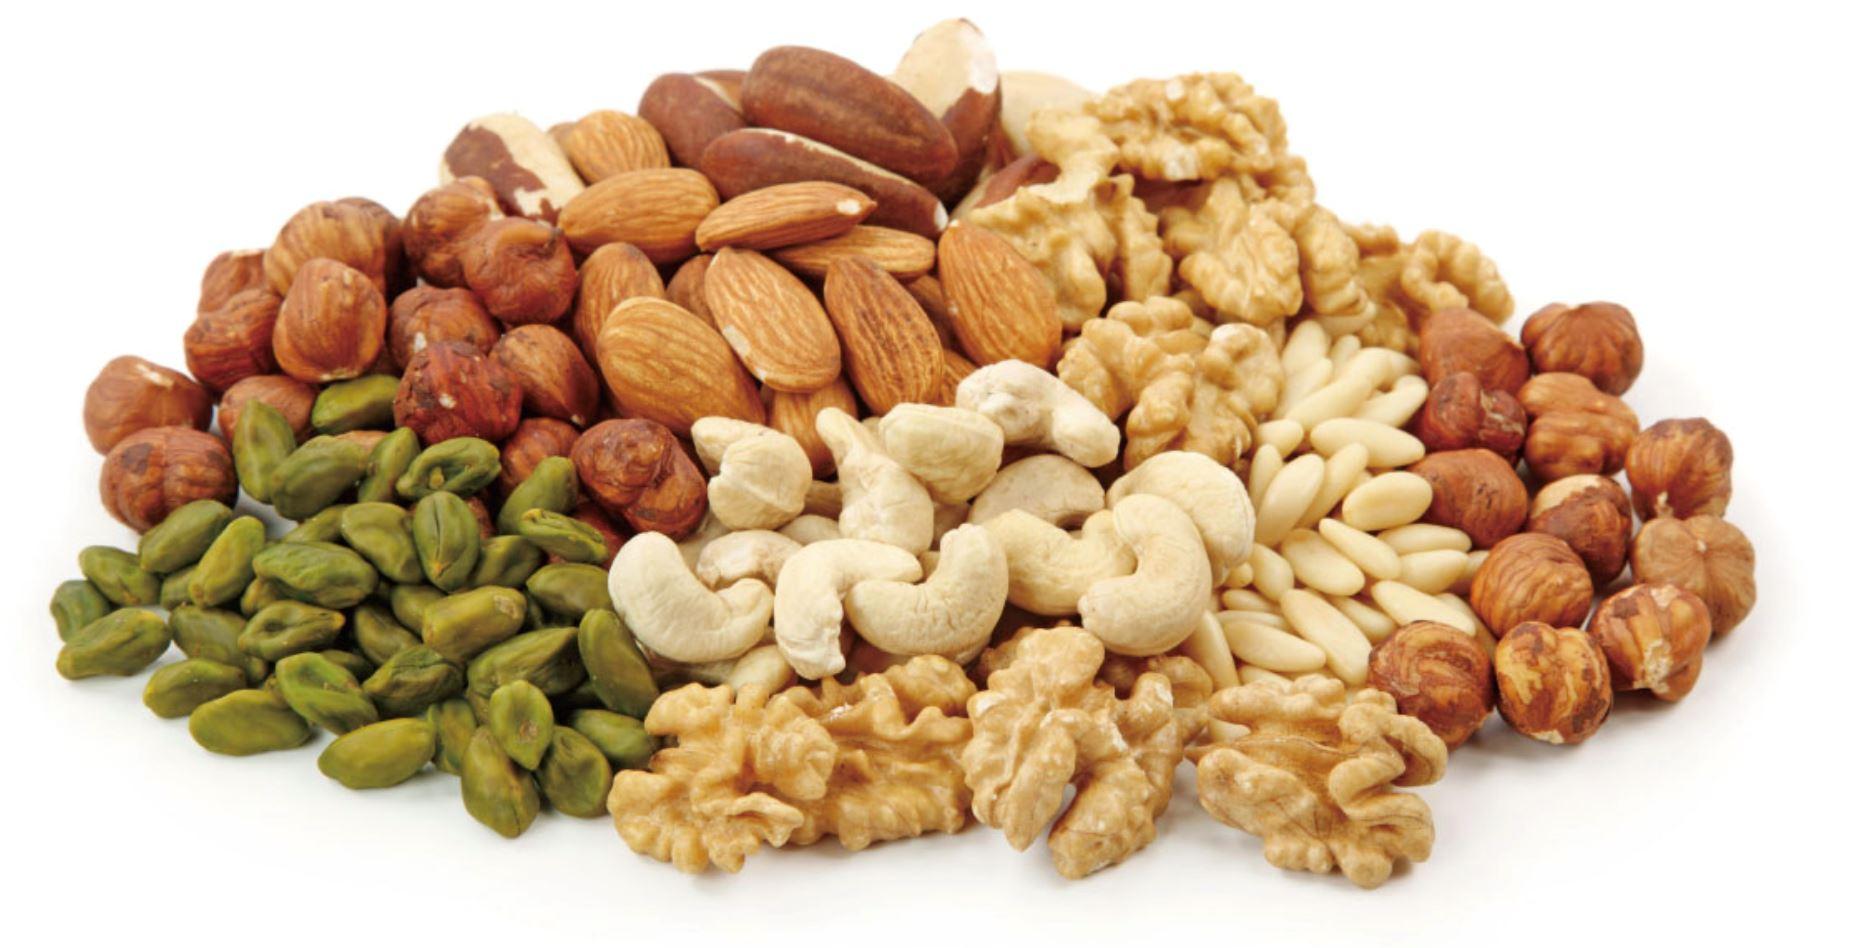 想要吃零食又怕胖? 推荐5种健康好吃的零食!